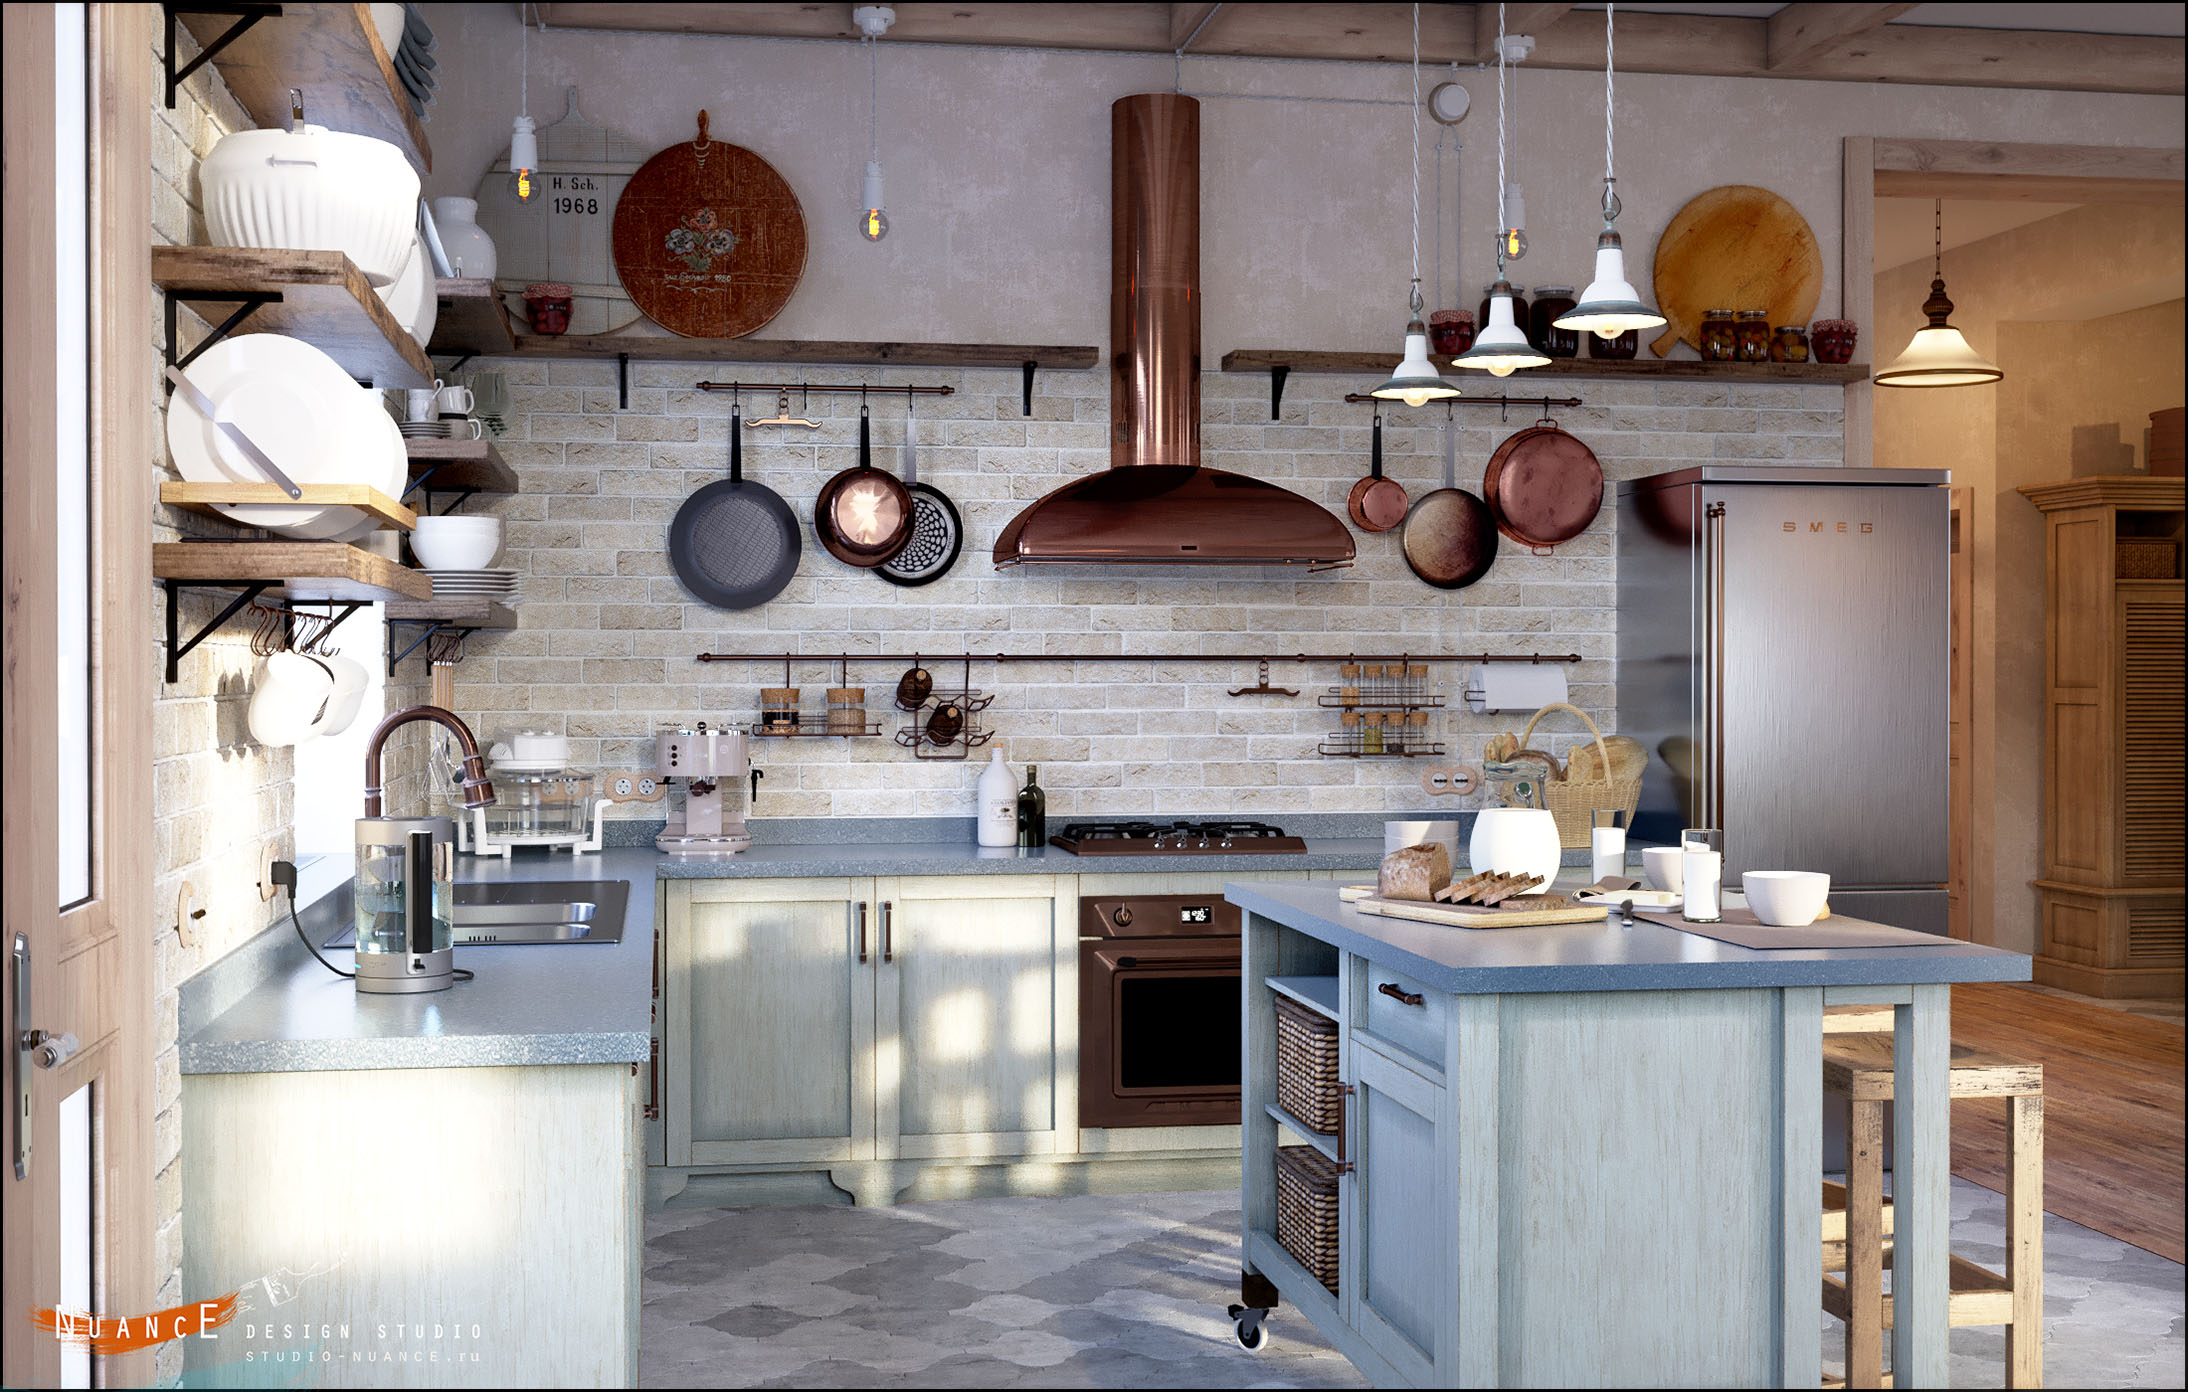 заказать дизайн интерьера кухни стиль прованс кантри лофт